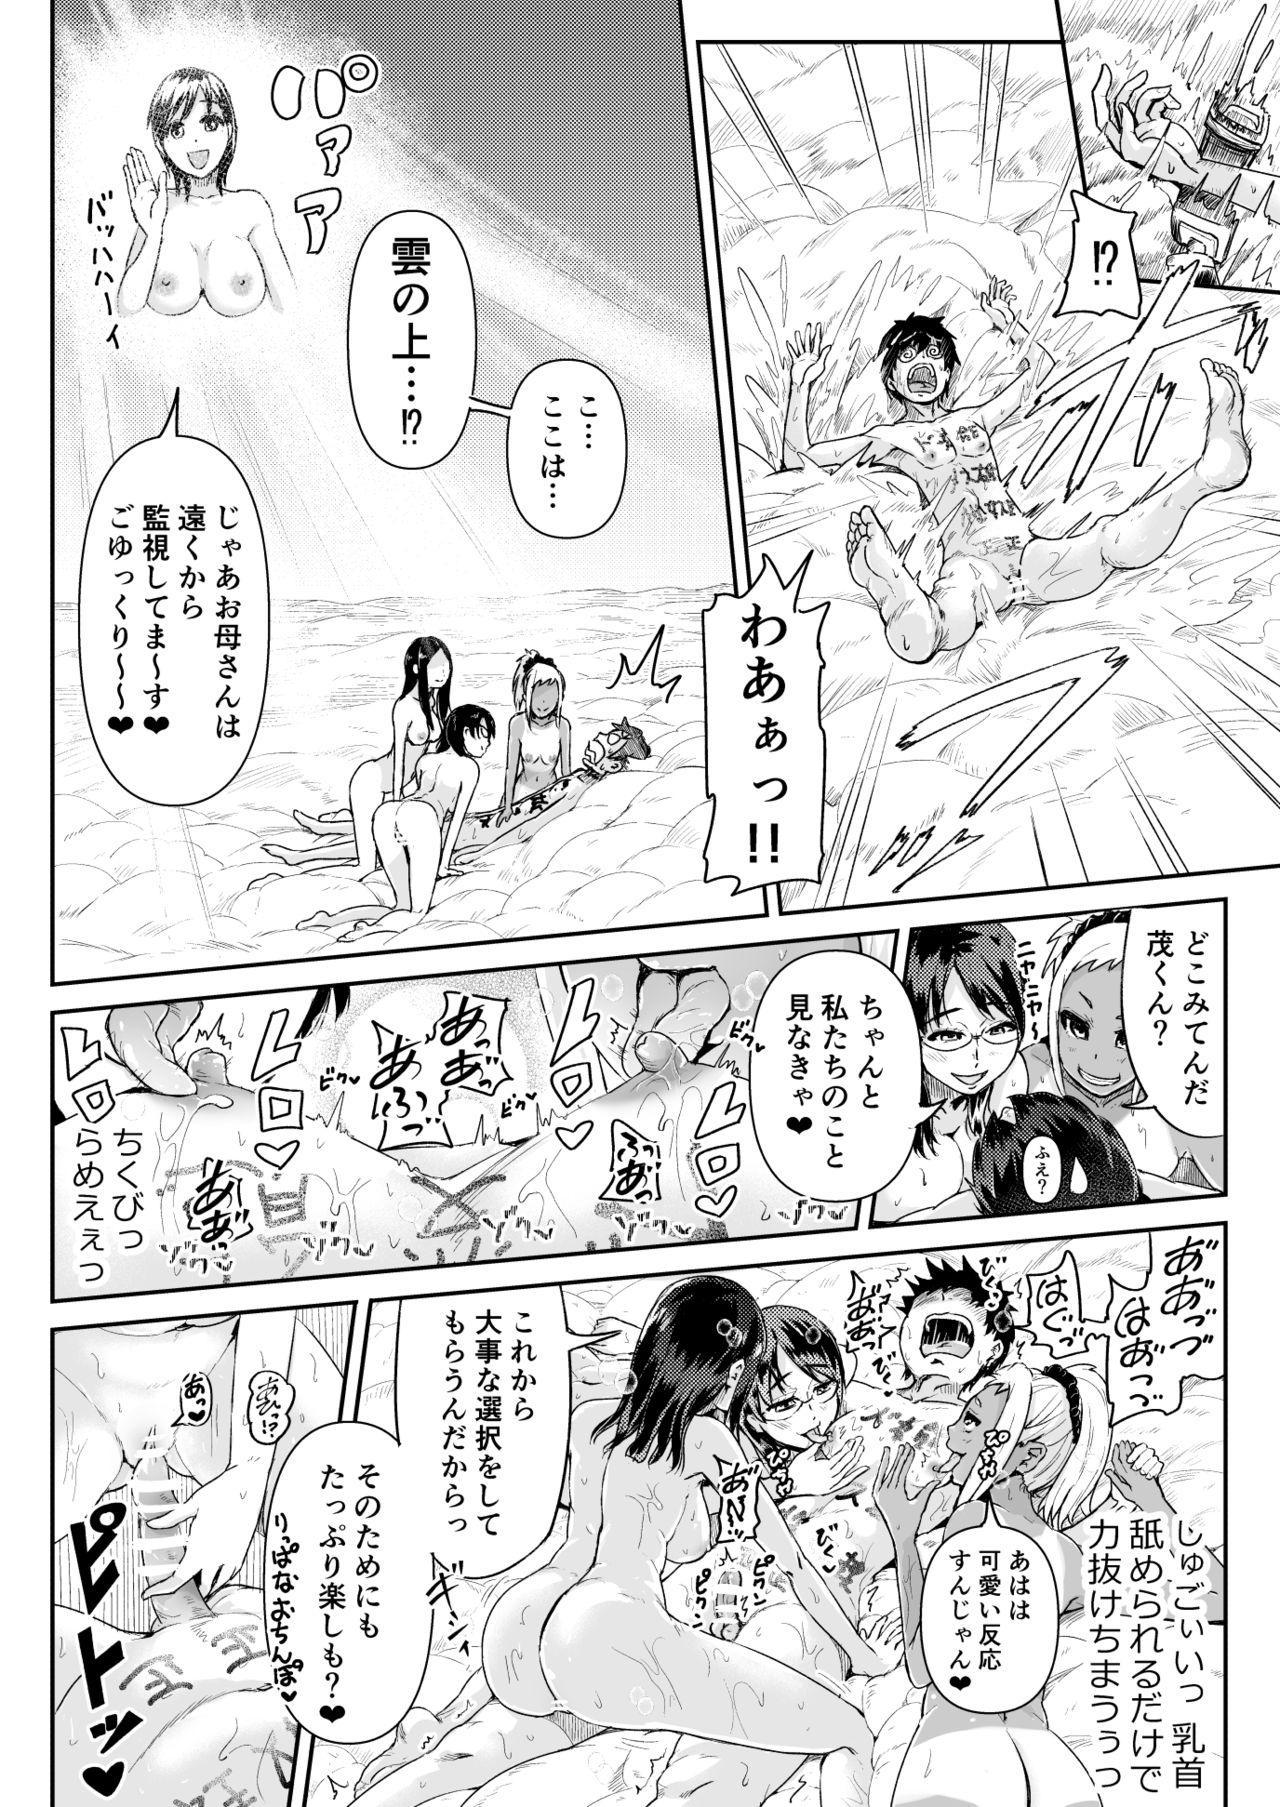 Doutei no Ore o Yuuwaku suru Ecchi na Joshi-tachi!? 12 10